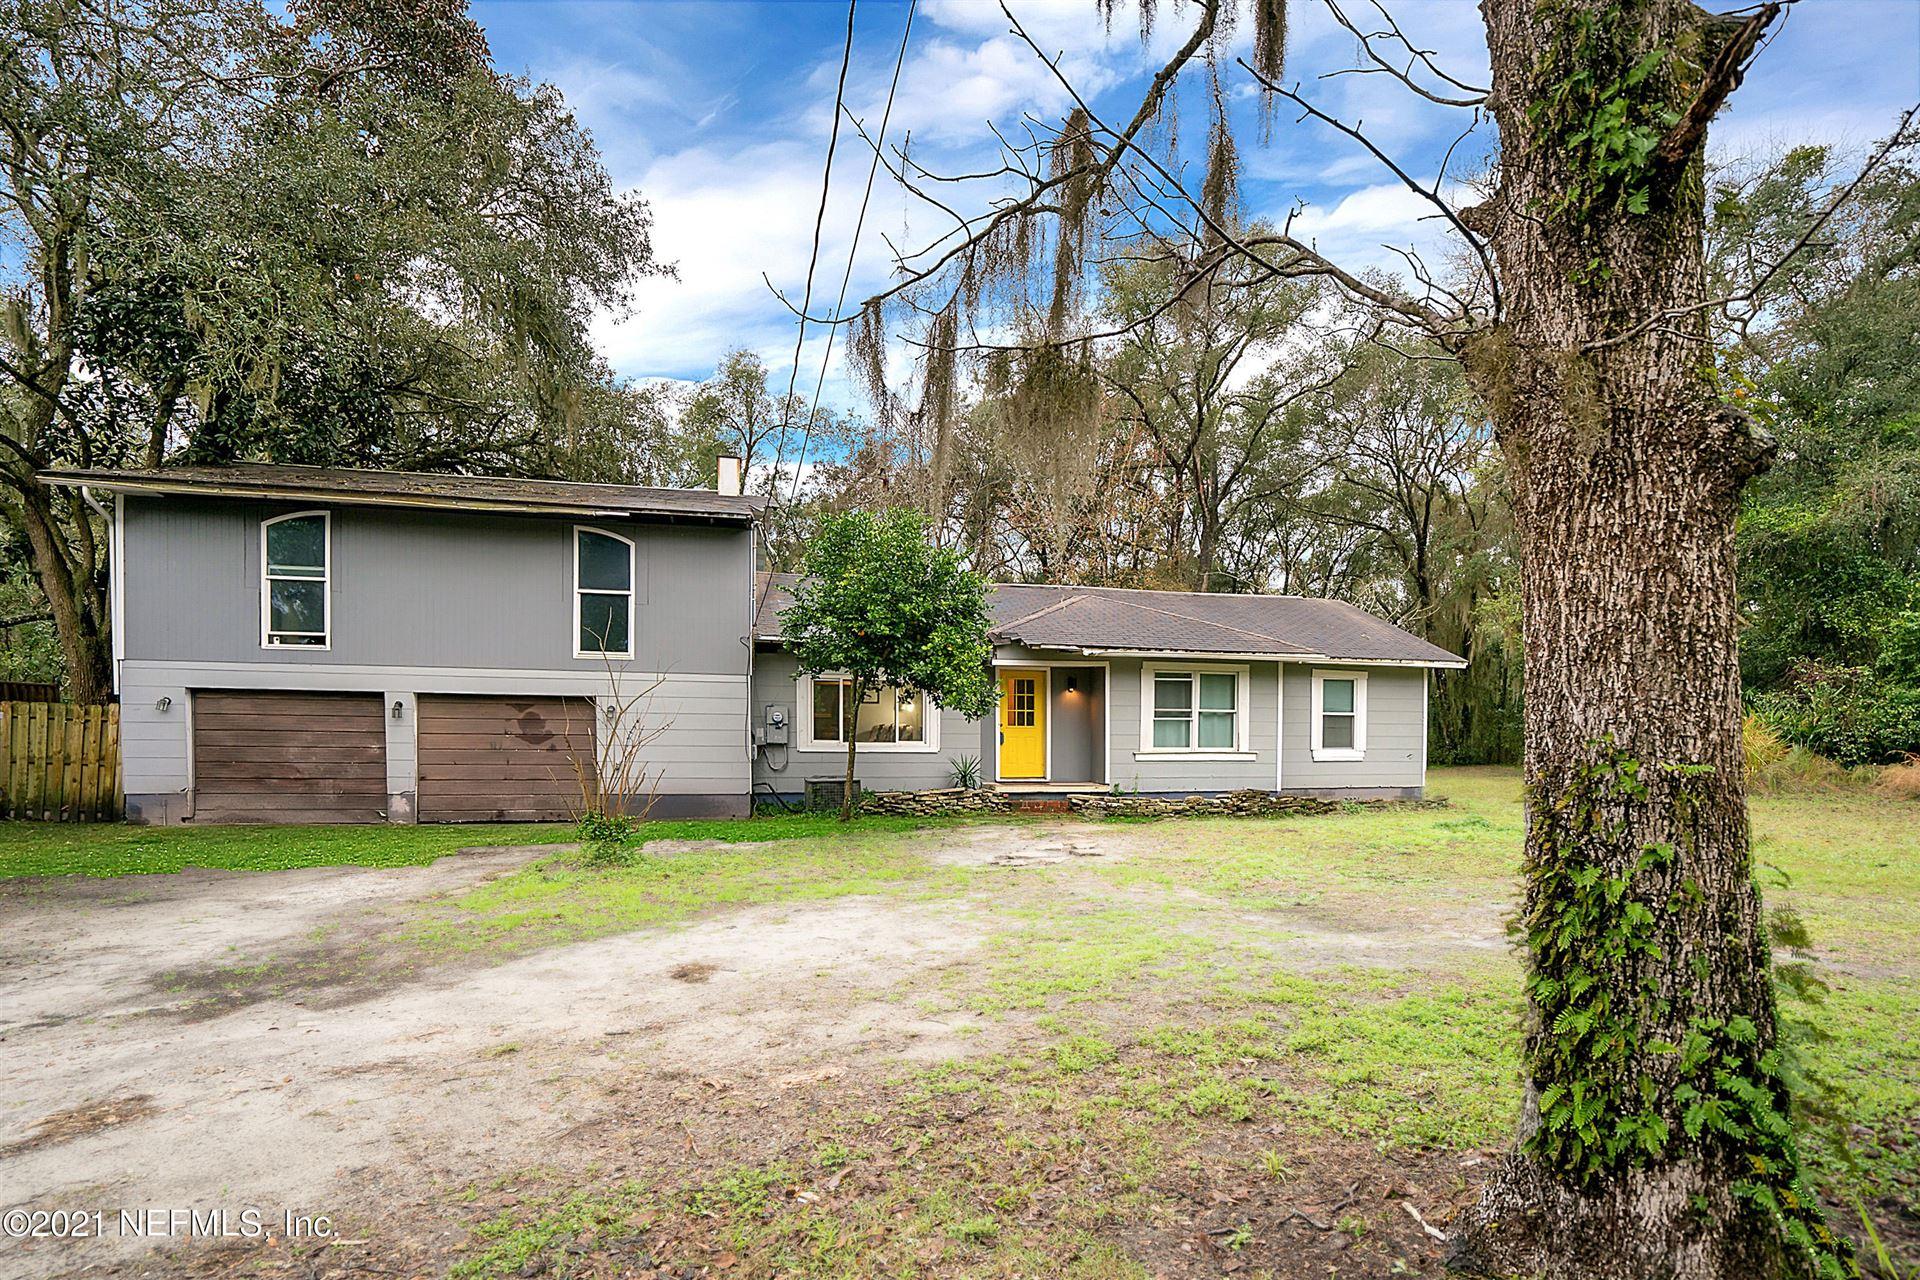 3280 PEORIA RD, Orange Park, FL 32065 - MLS#: 1096038